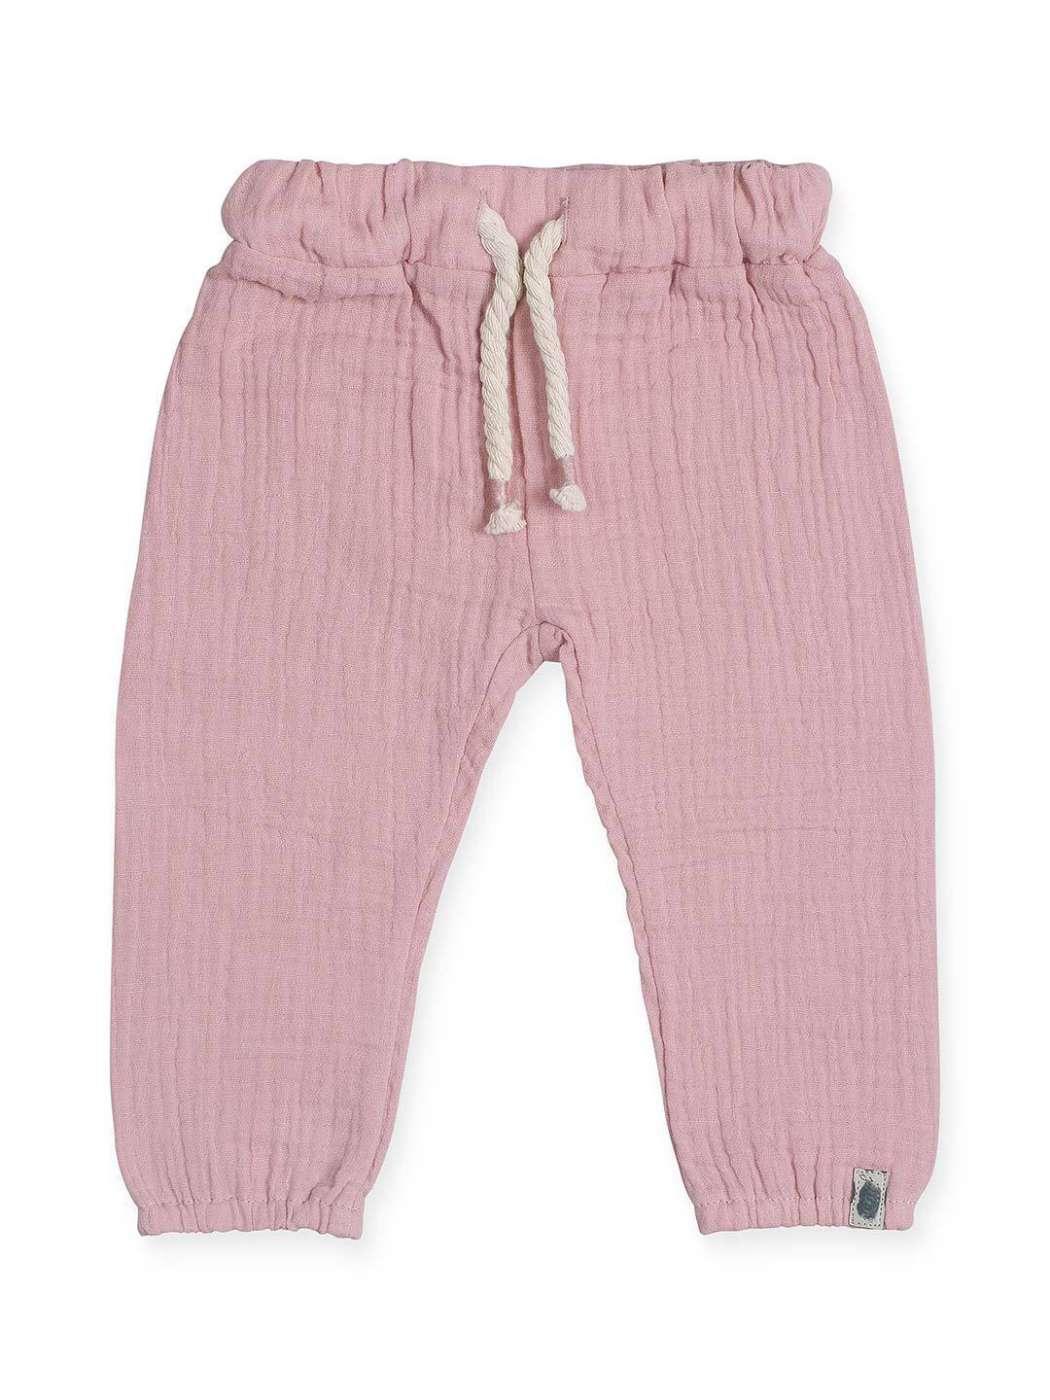 Wrinkled_pink